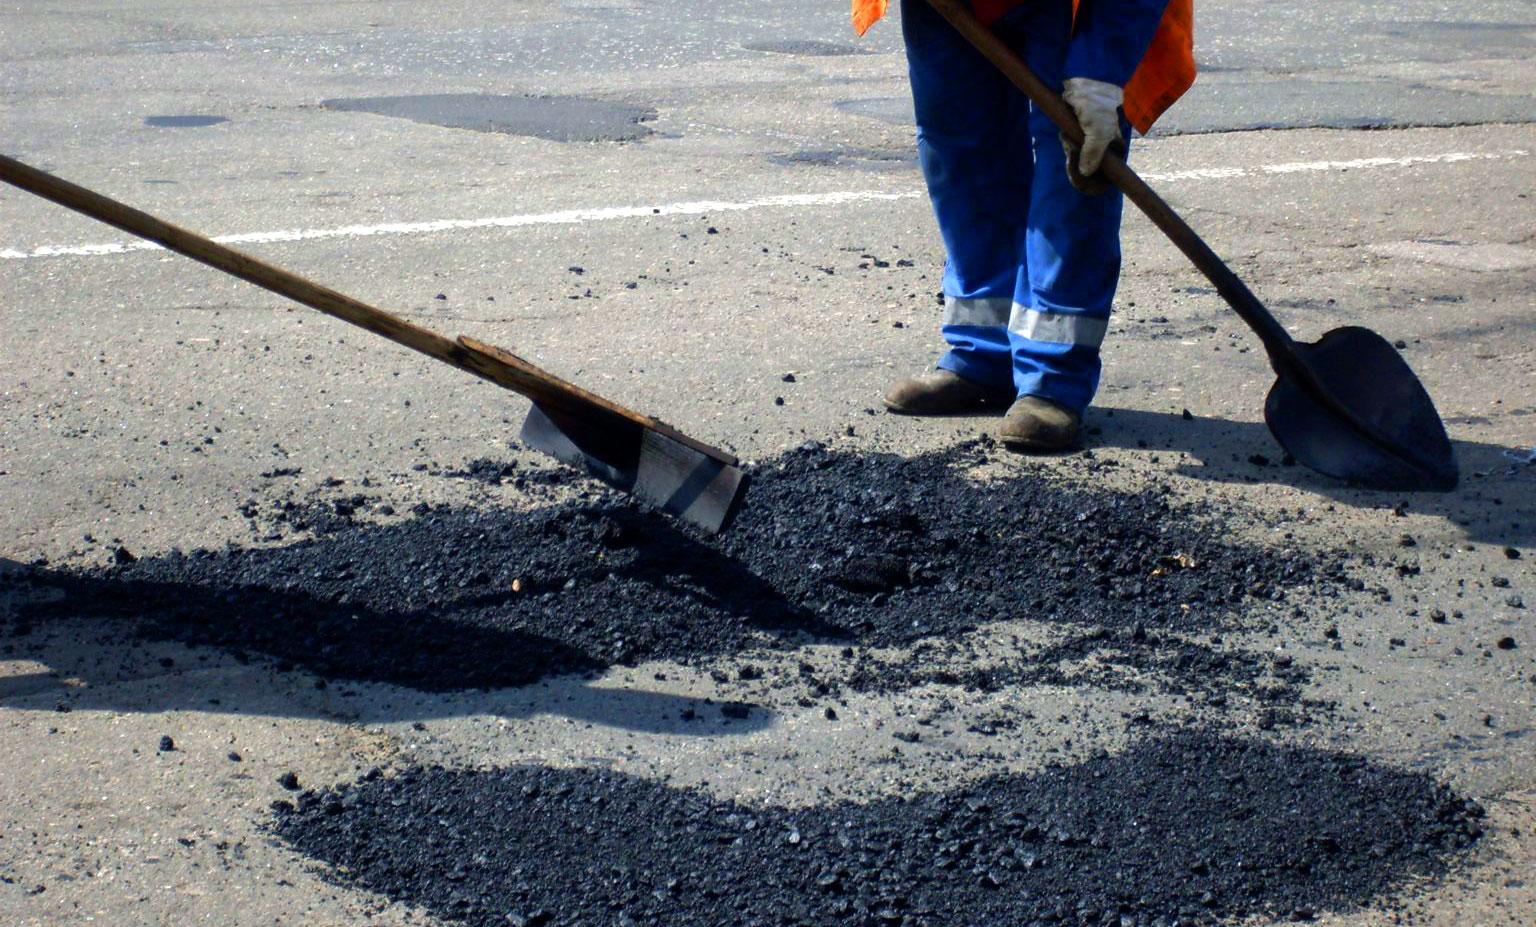 Ликвидация свалок и ремонт дороги в Симферополе обойдется в 40 миллионов рублей